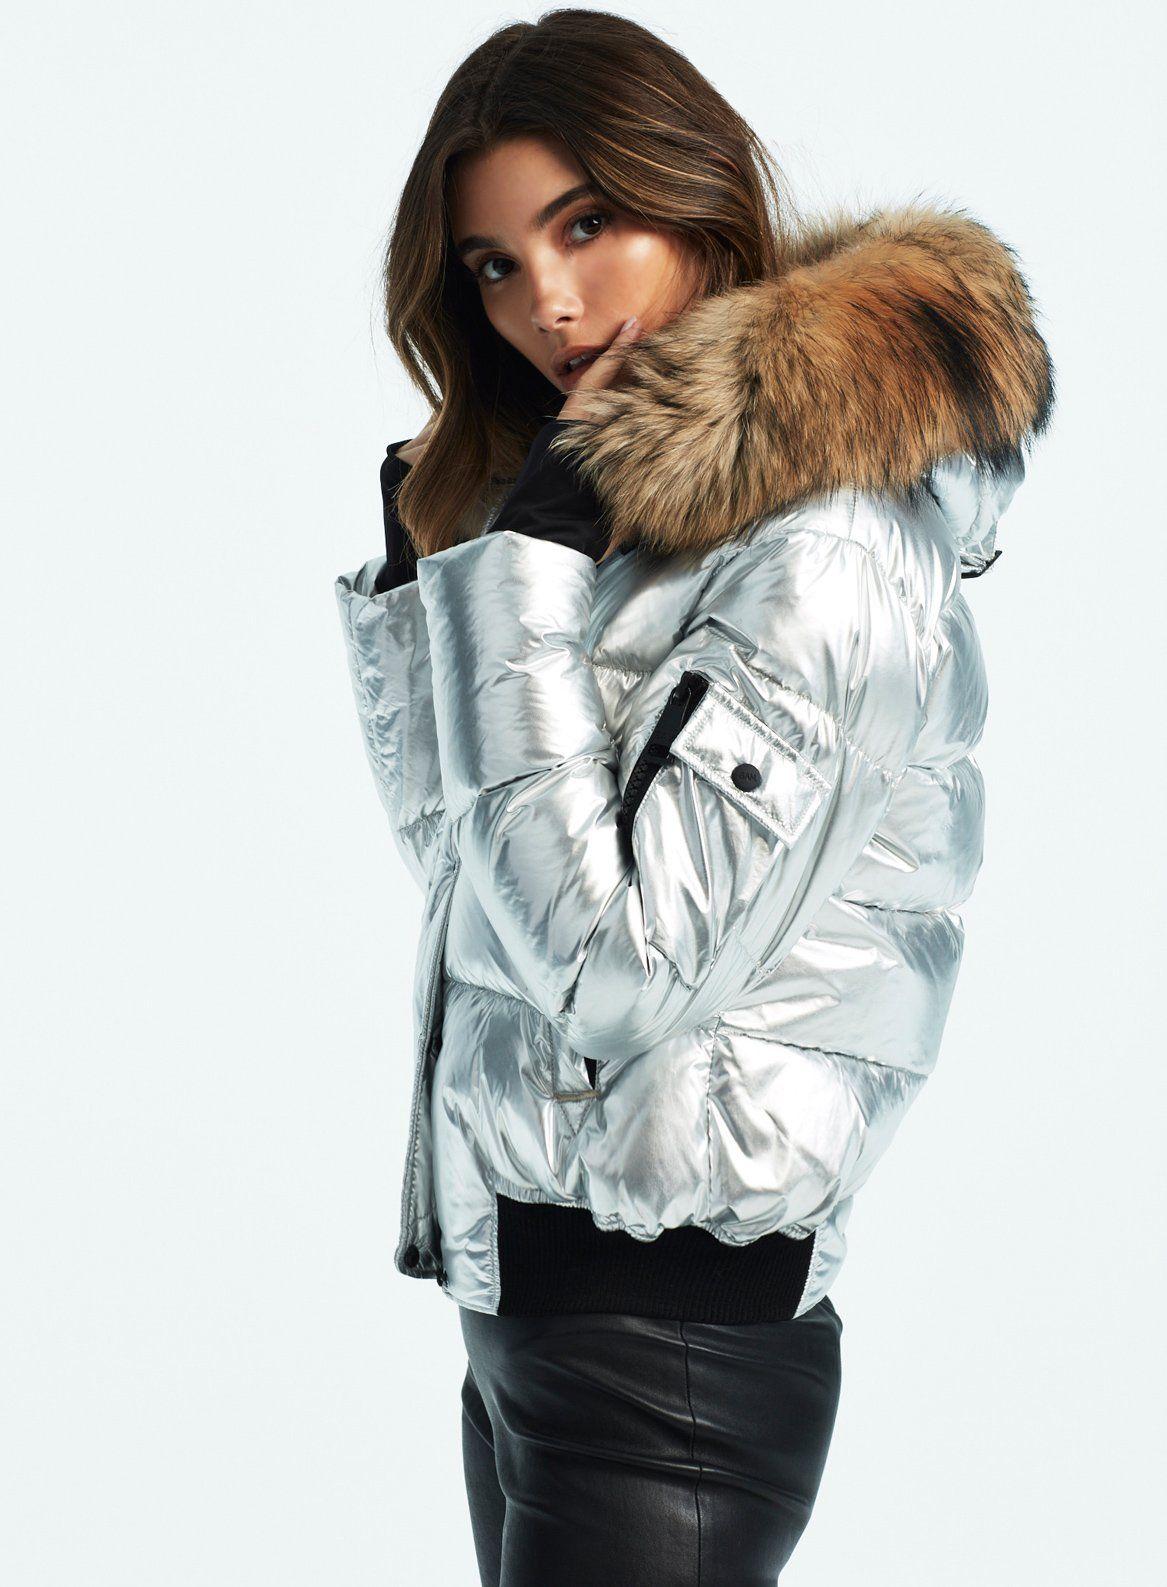 Skyler Silver Jackets Fur Hood Jacket Shiny Jacket [ 1587 x 1167 Pixel ]